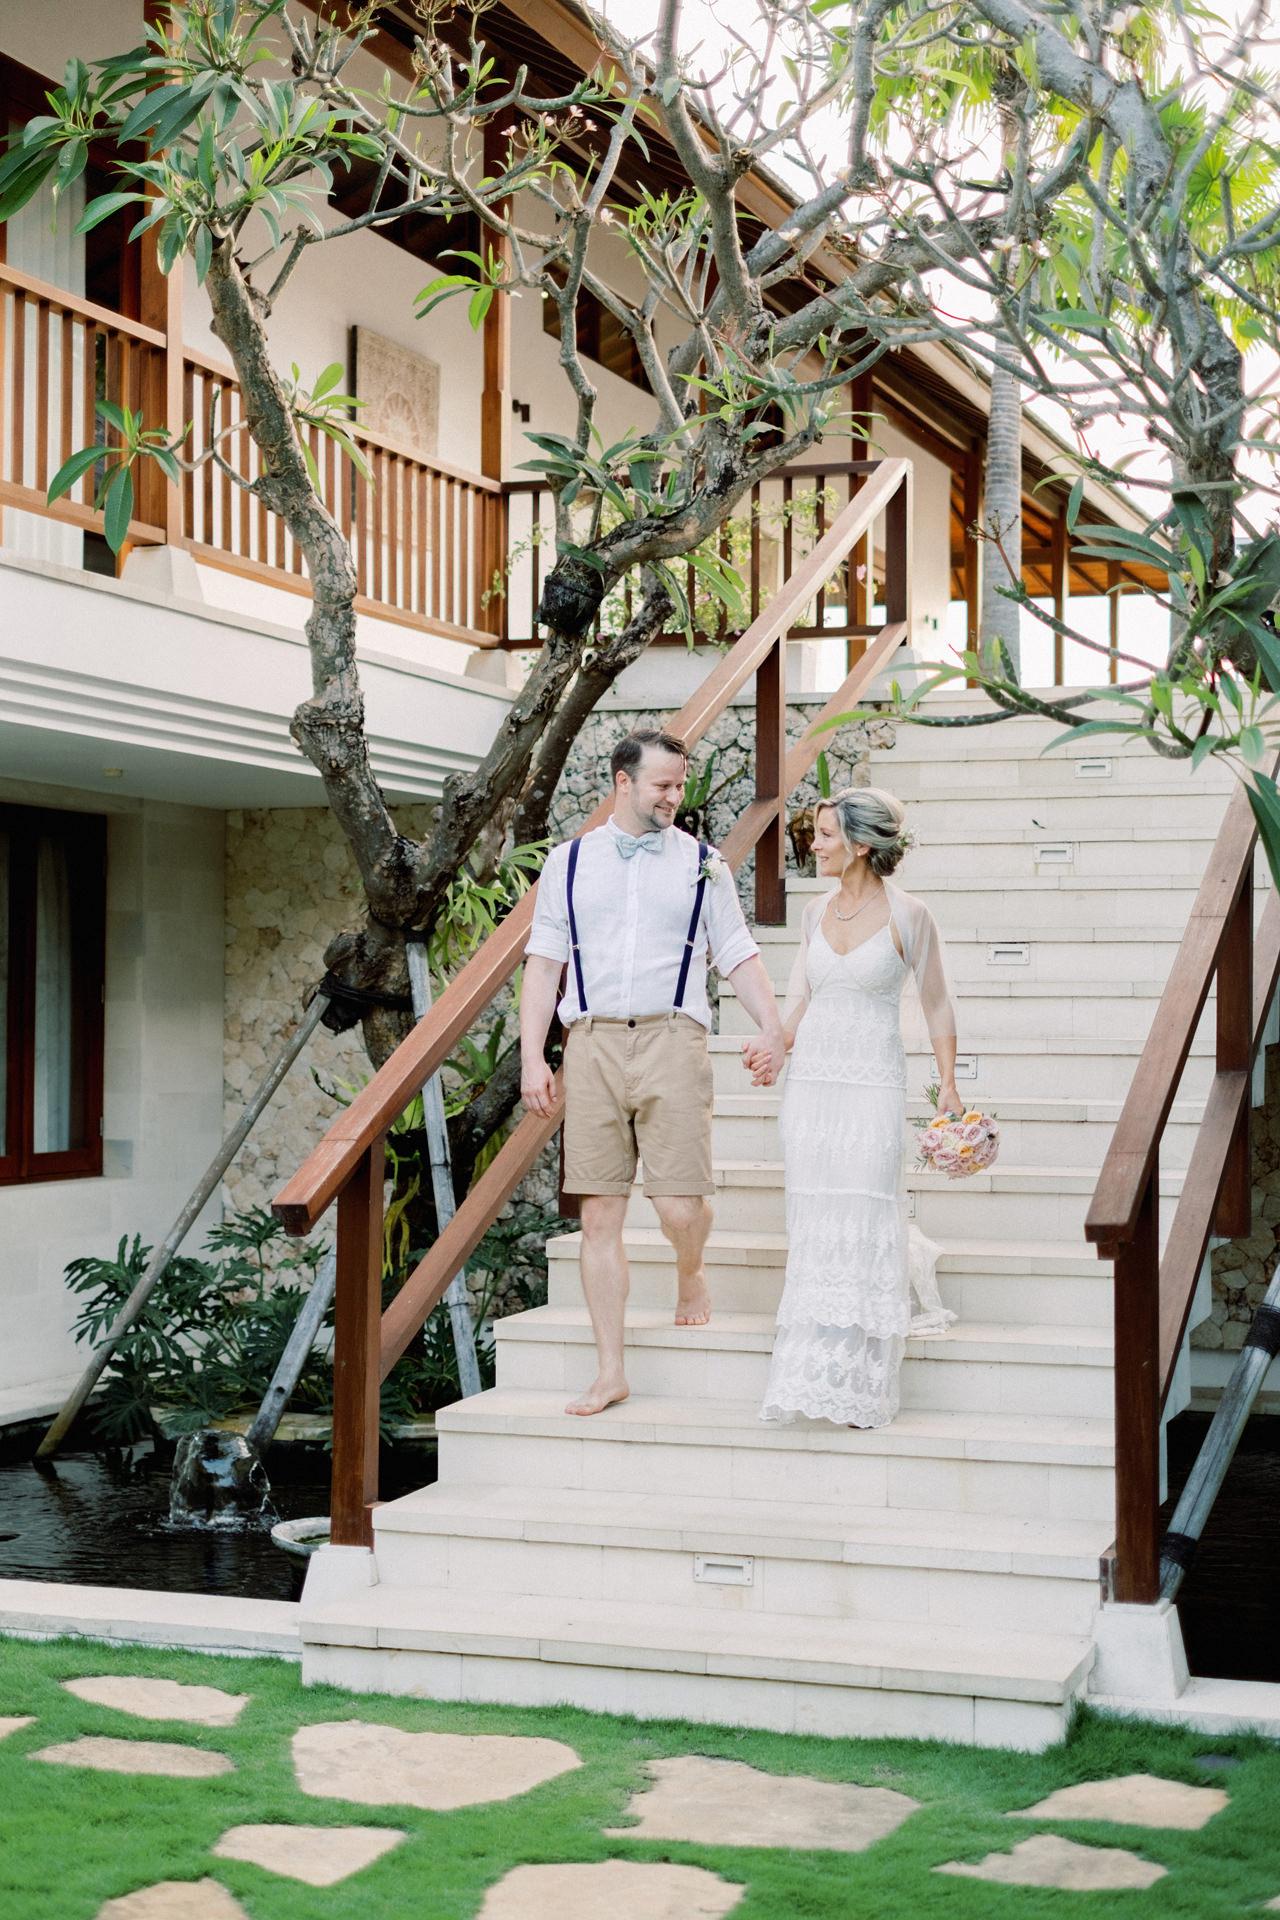 Sol y Mar - Bali Cliff-top Wedding 38